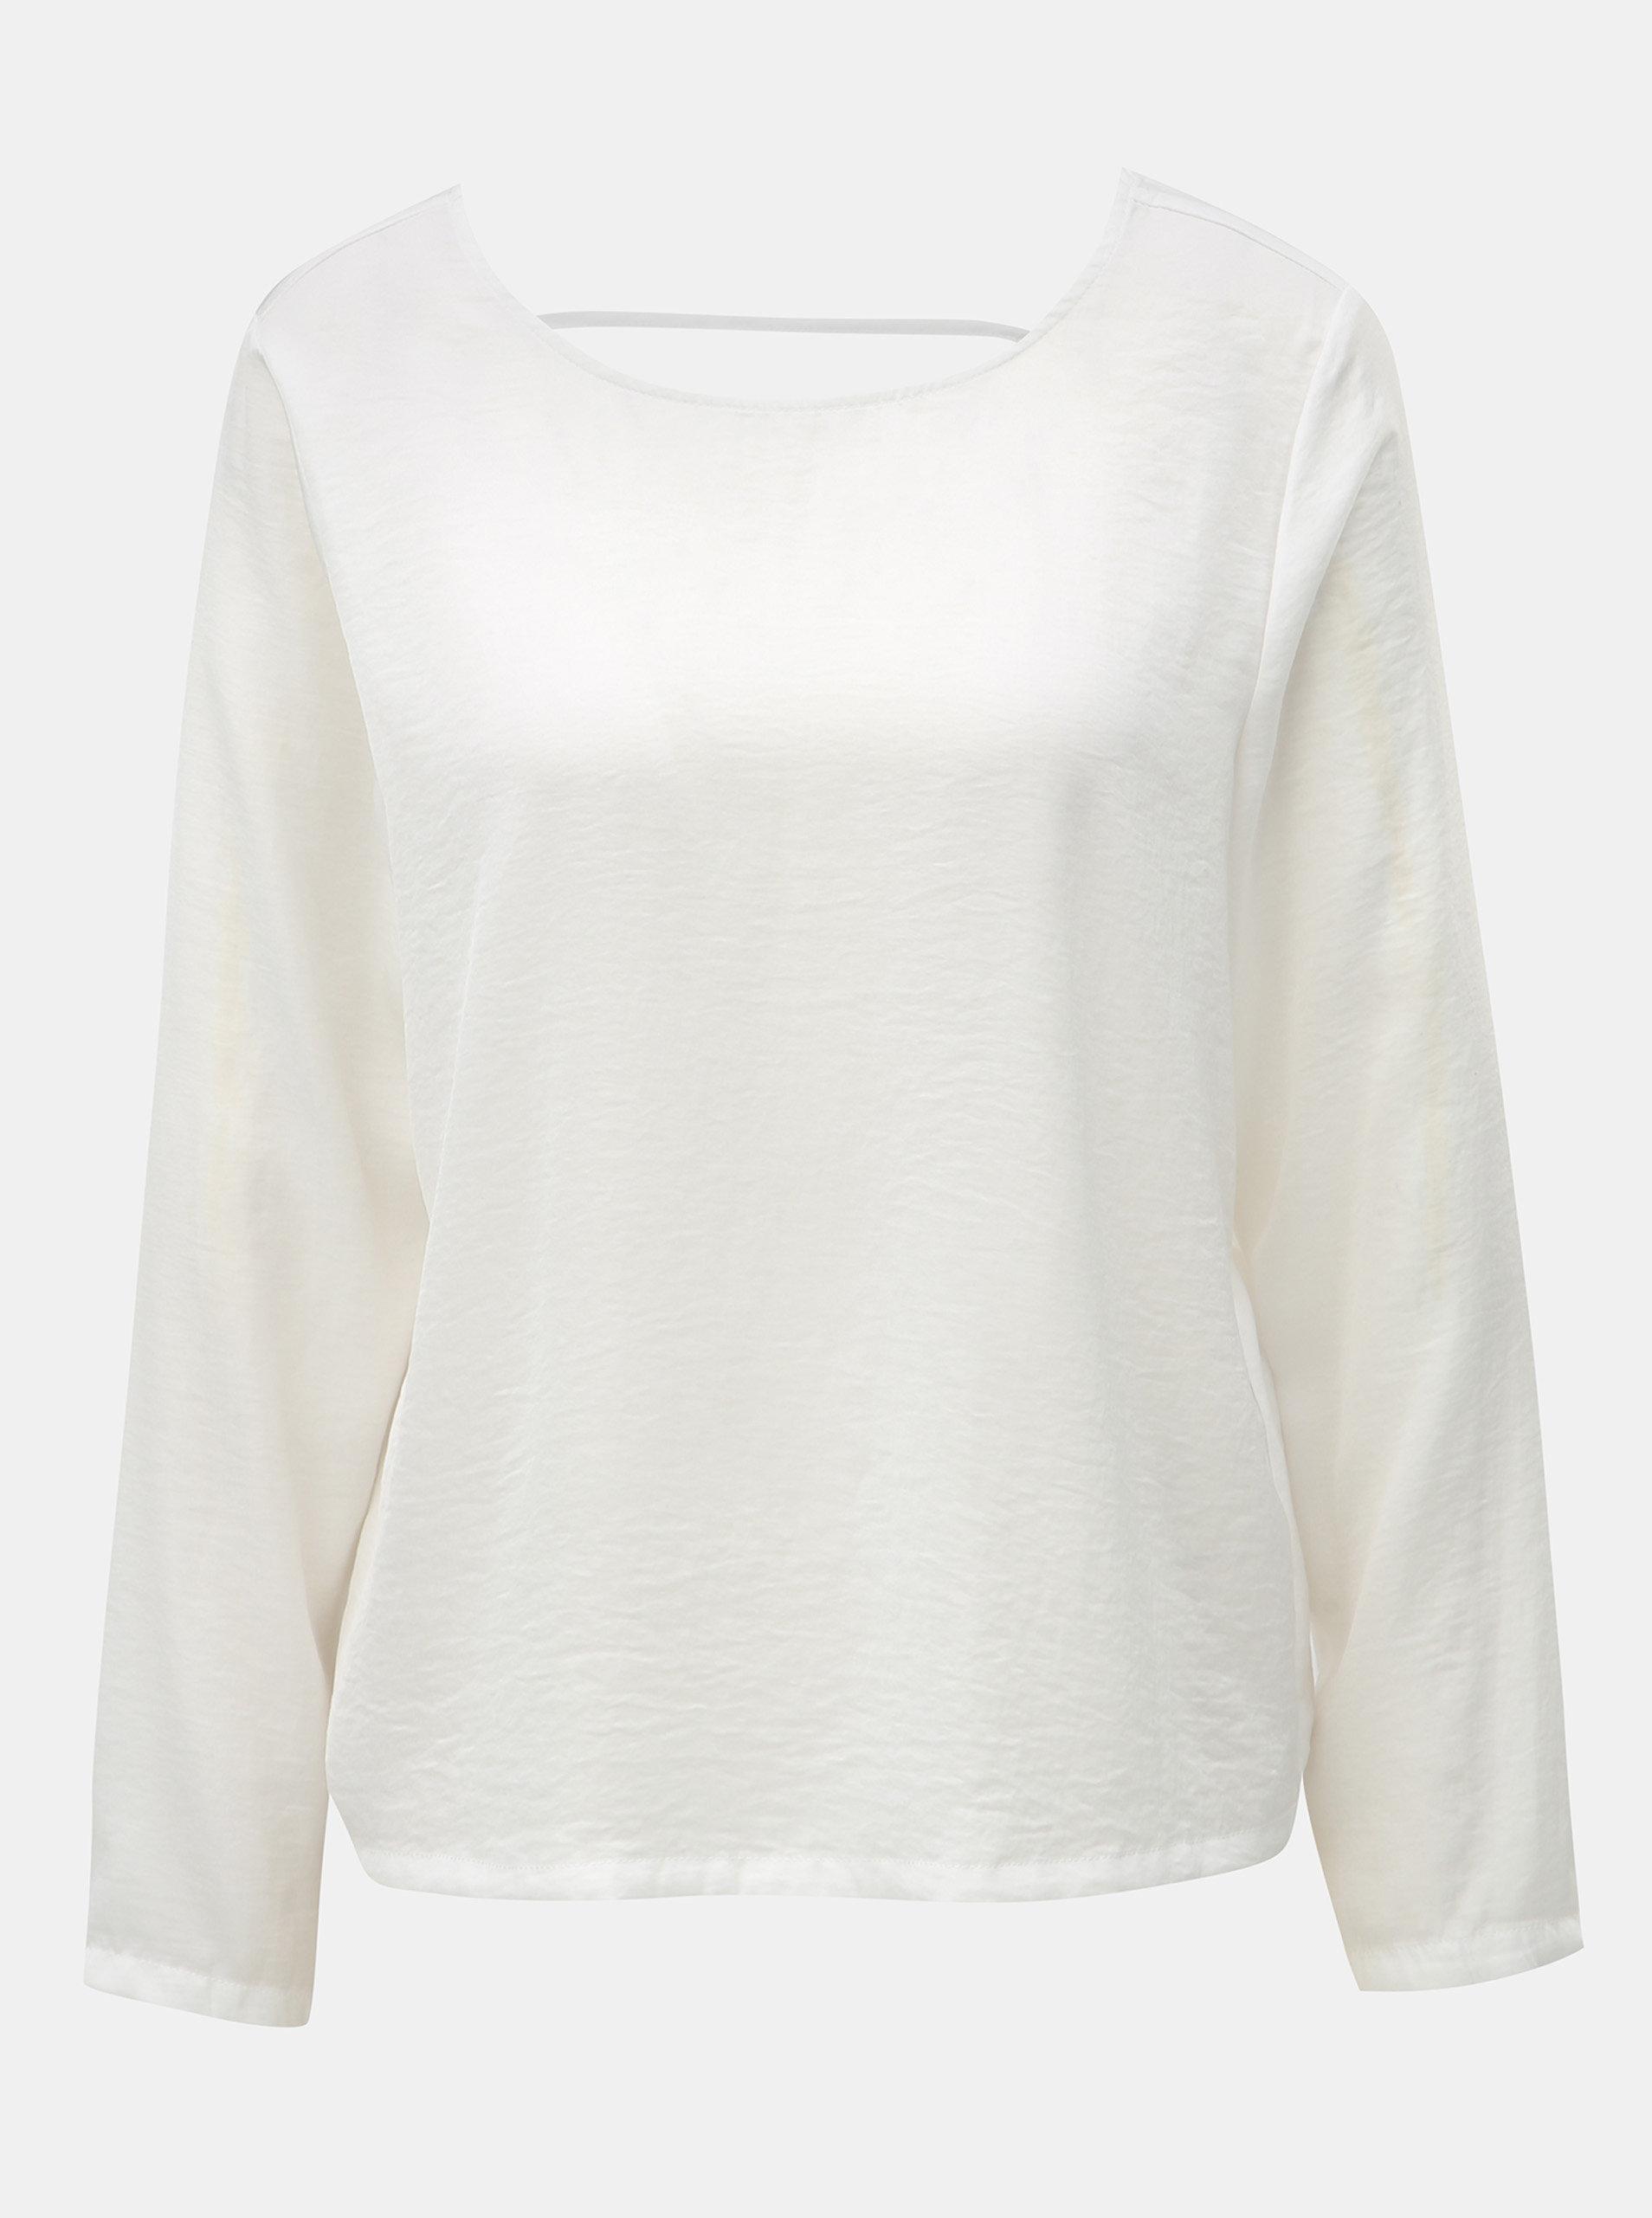 6097a1bed496 Biela blúzka s dlhým rukávom a prestrihom na chrbte ONLY Mona ...